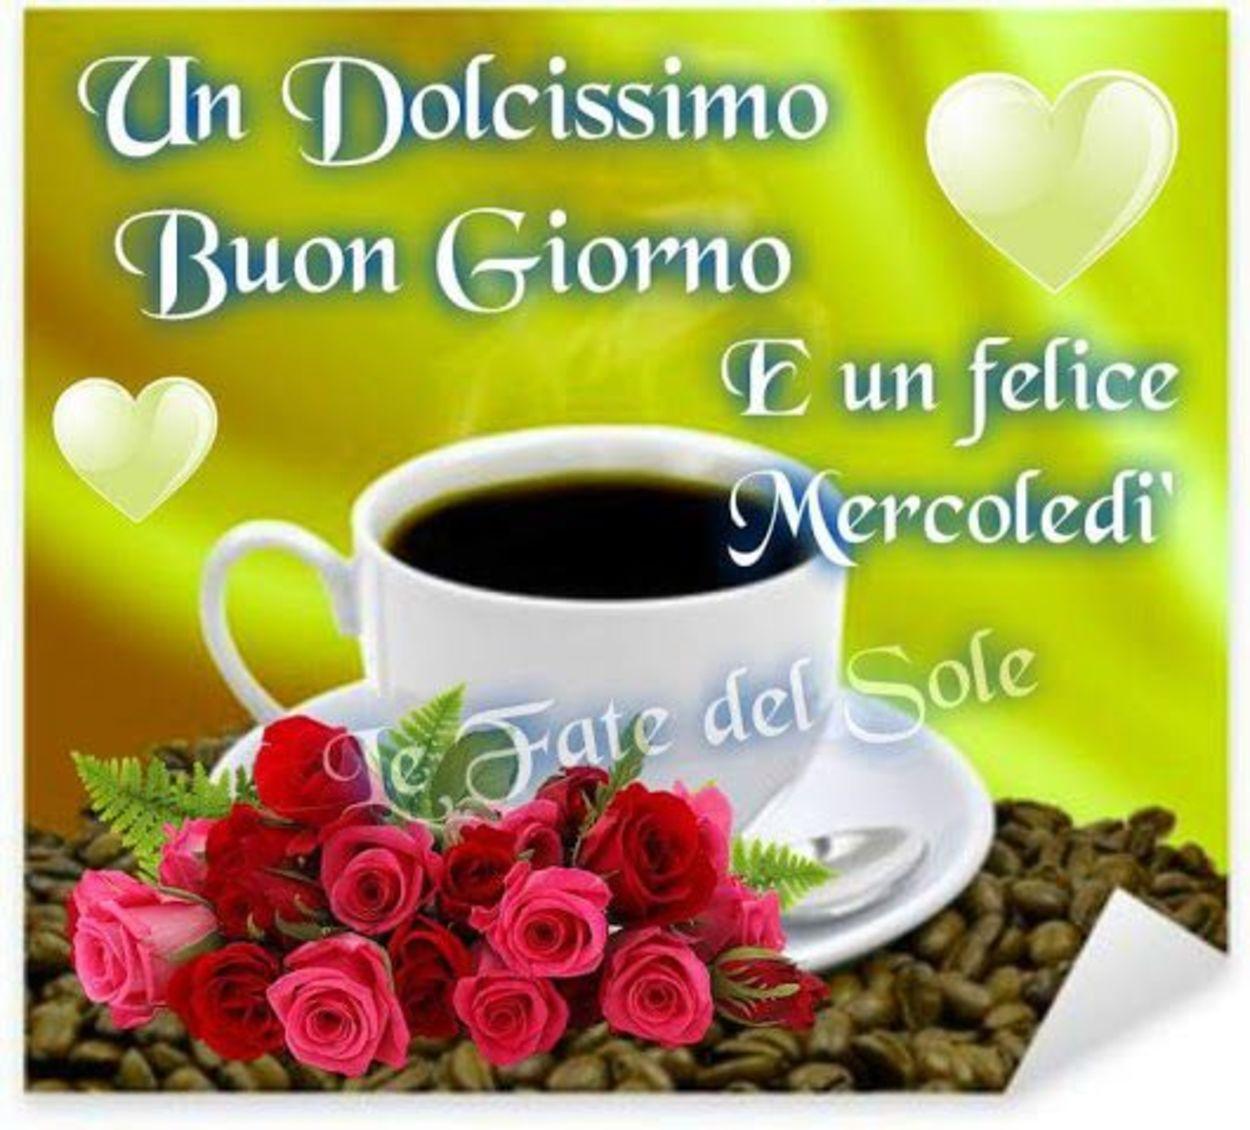 Buona giornata e buon mercoledì con caffè